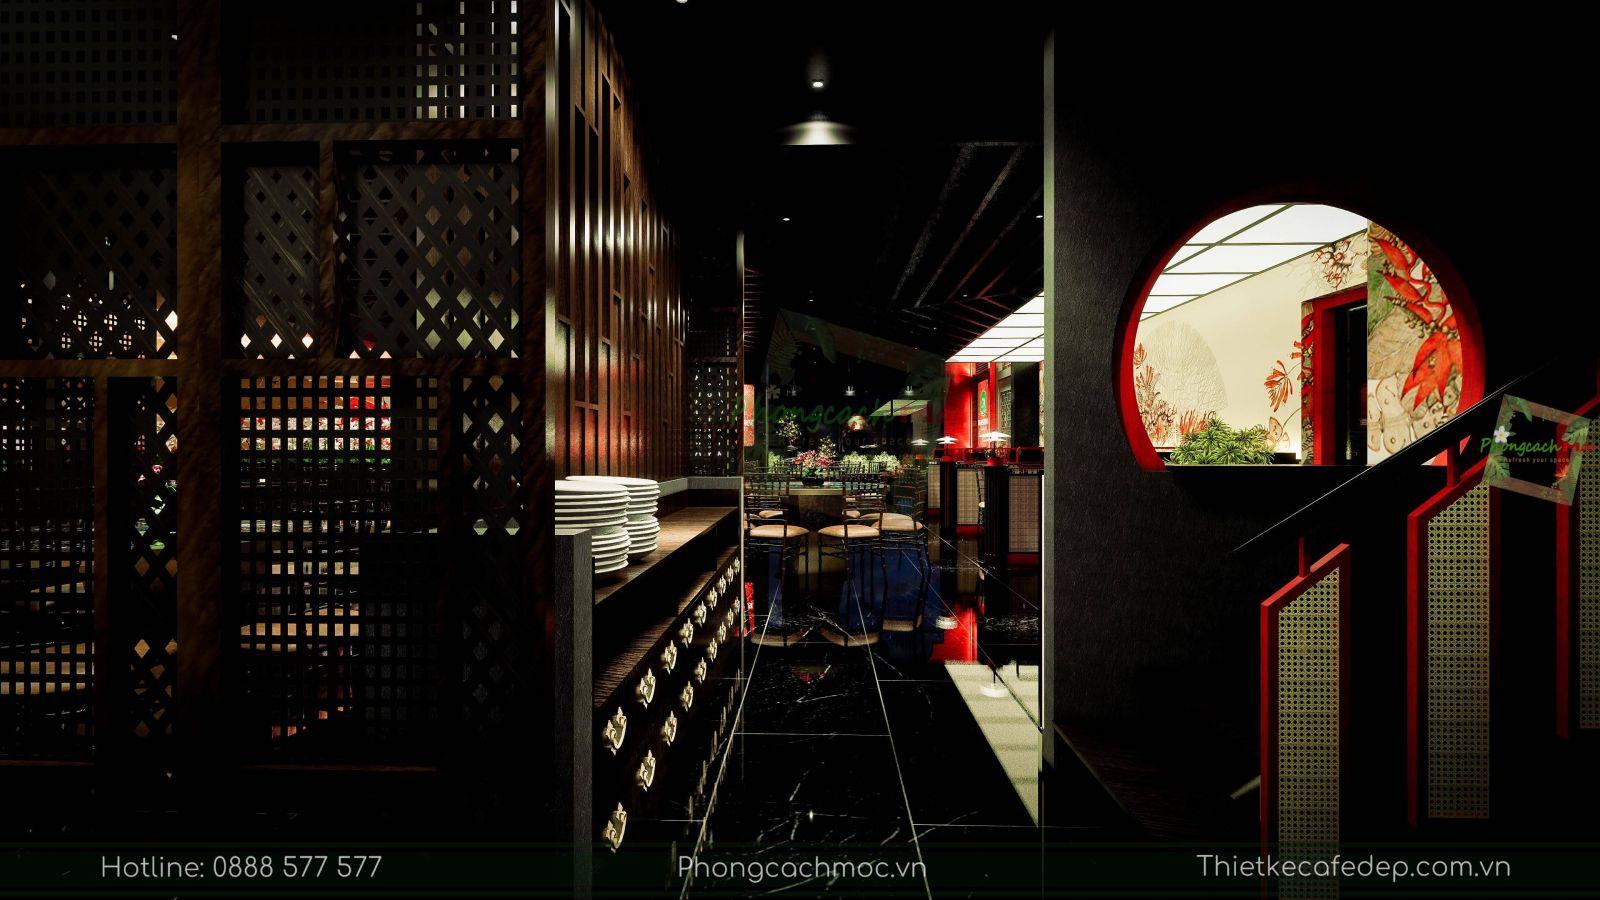 thiết kế nhà hàng trung hoa - nội thất tầng trệt - 2